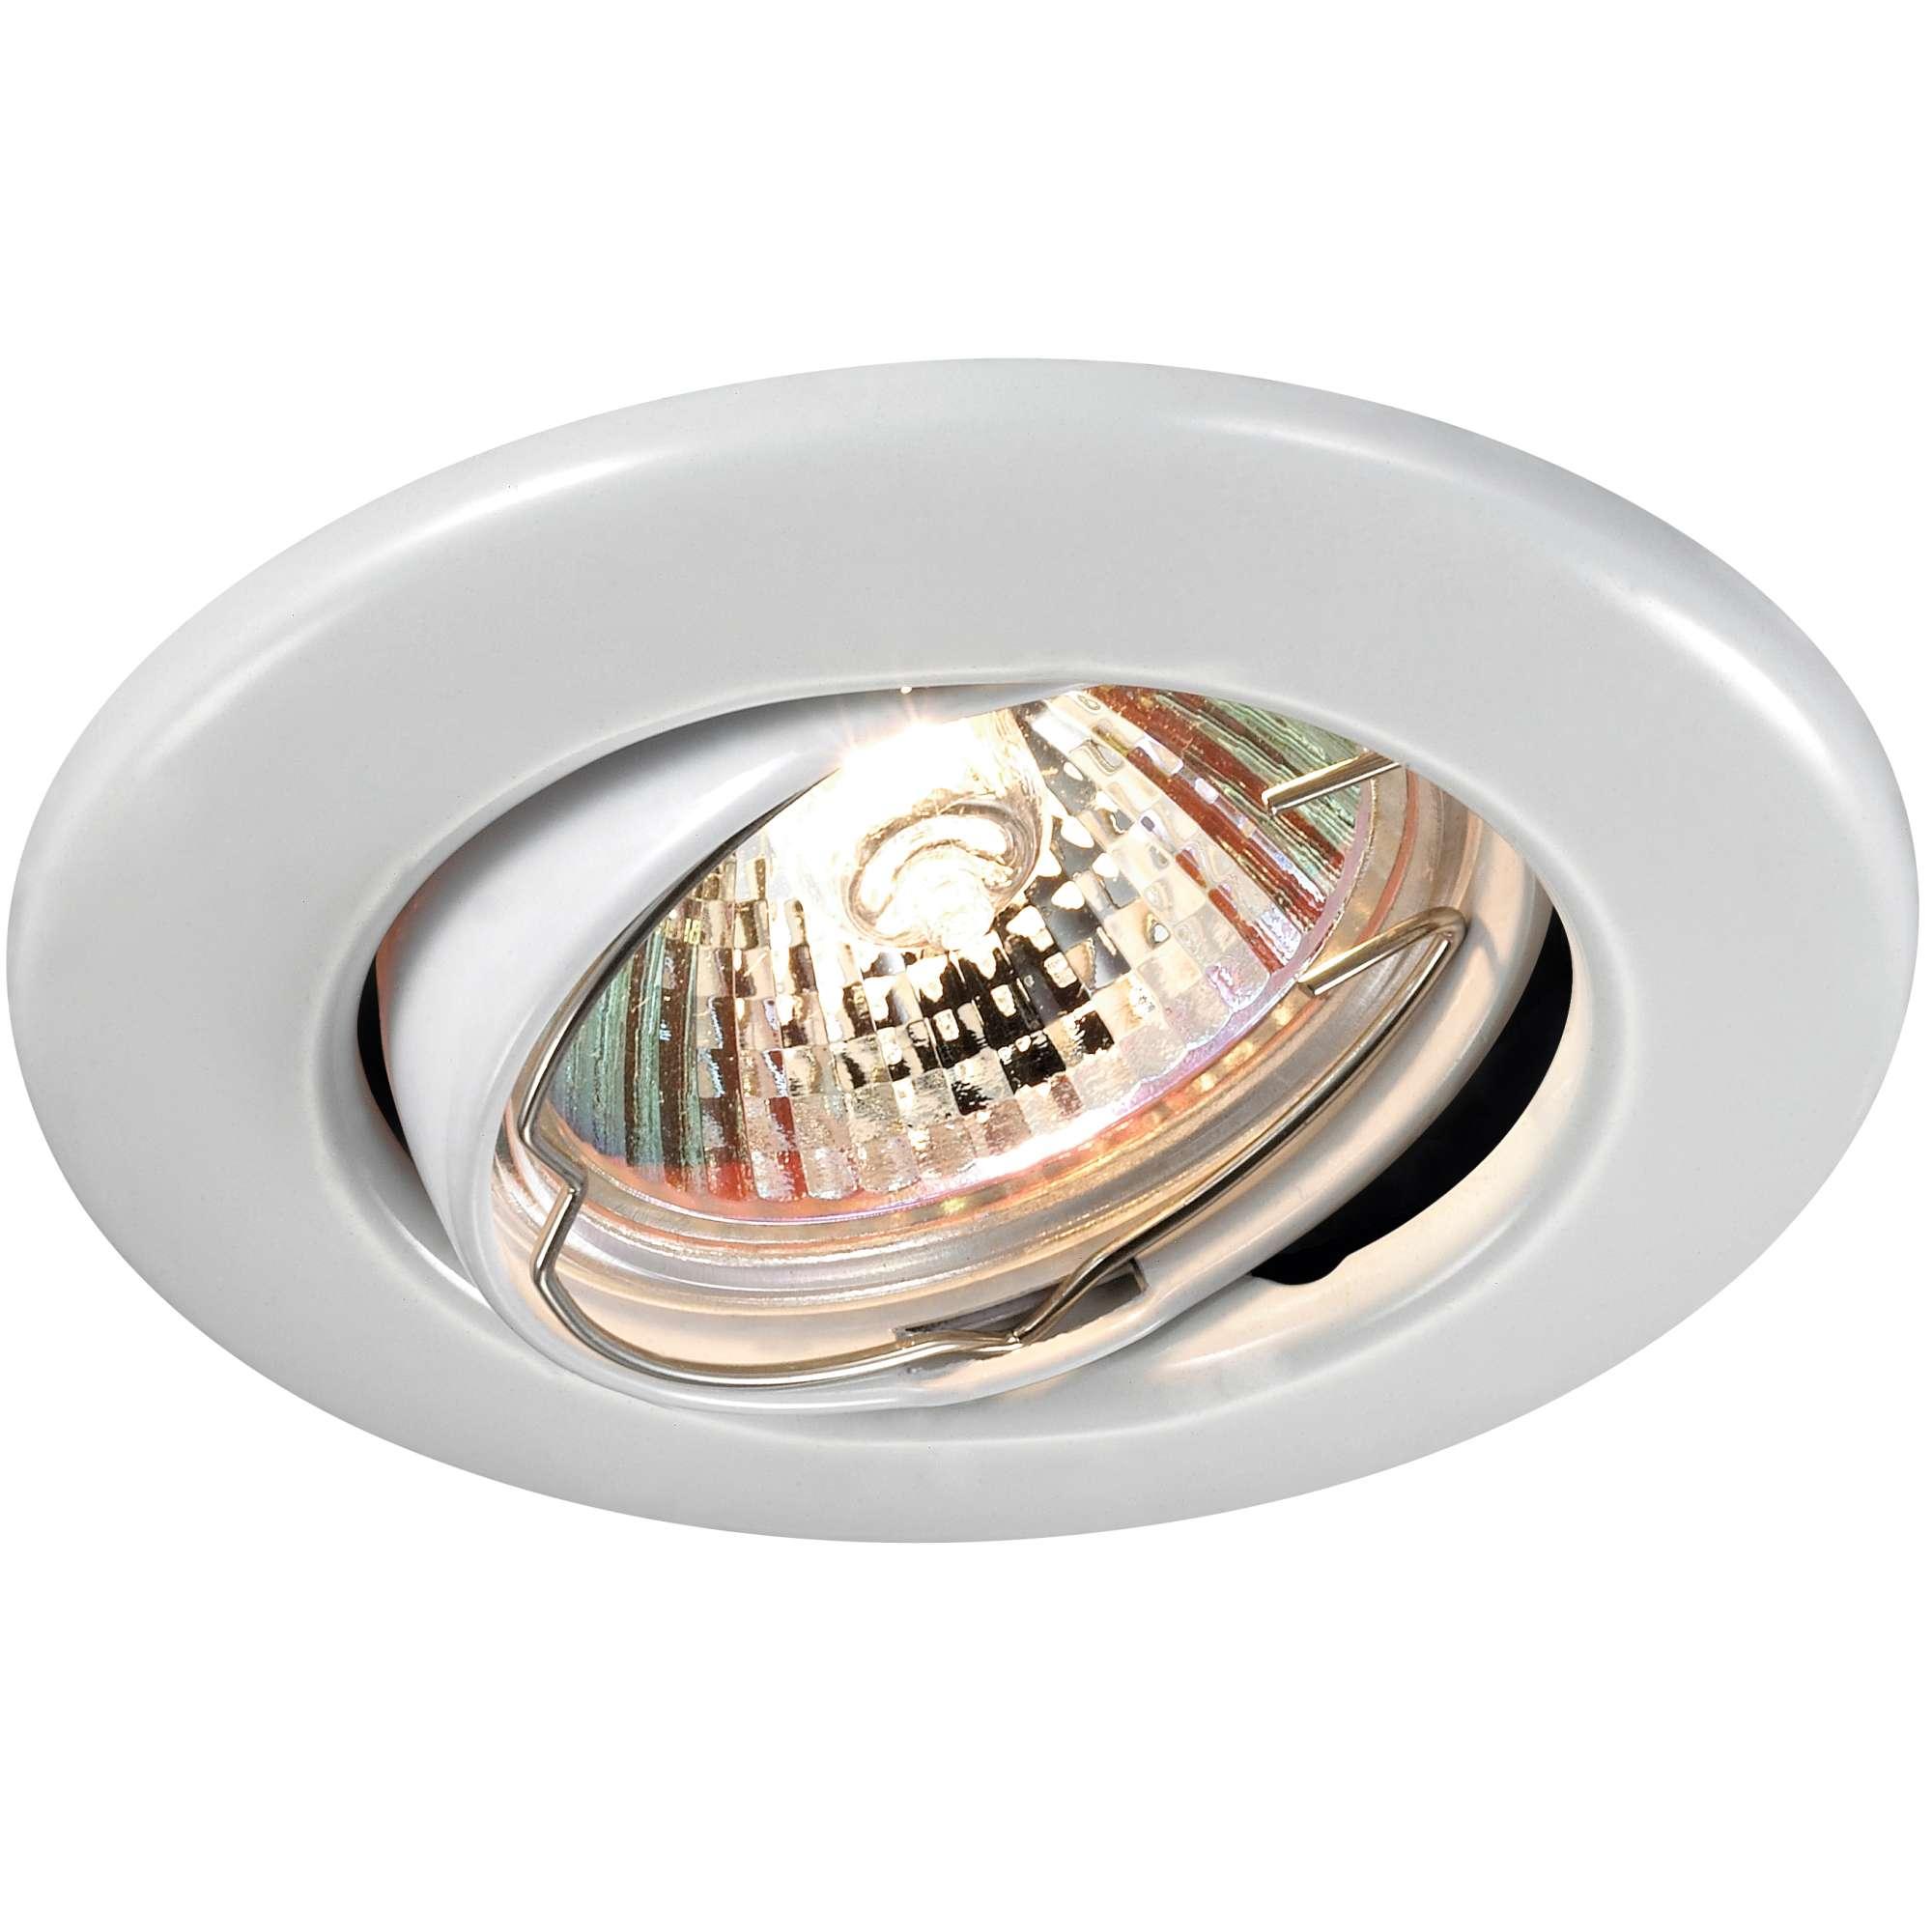 Светильник встраиваемый Novotech Classic nt12 170 369696